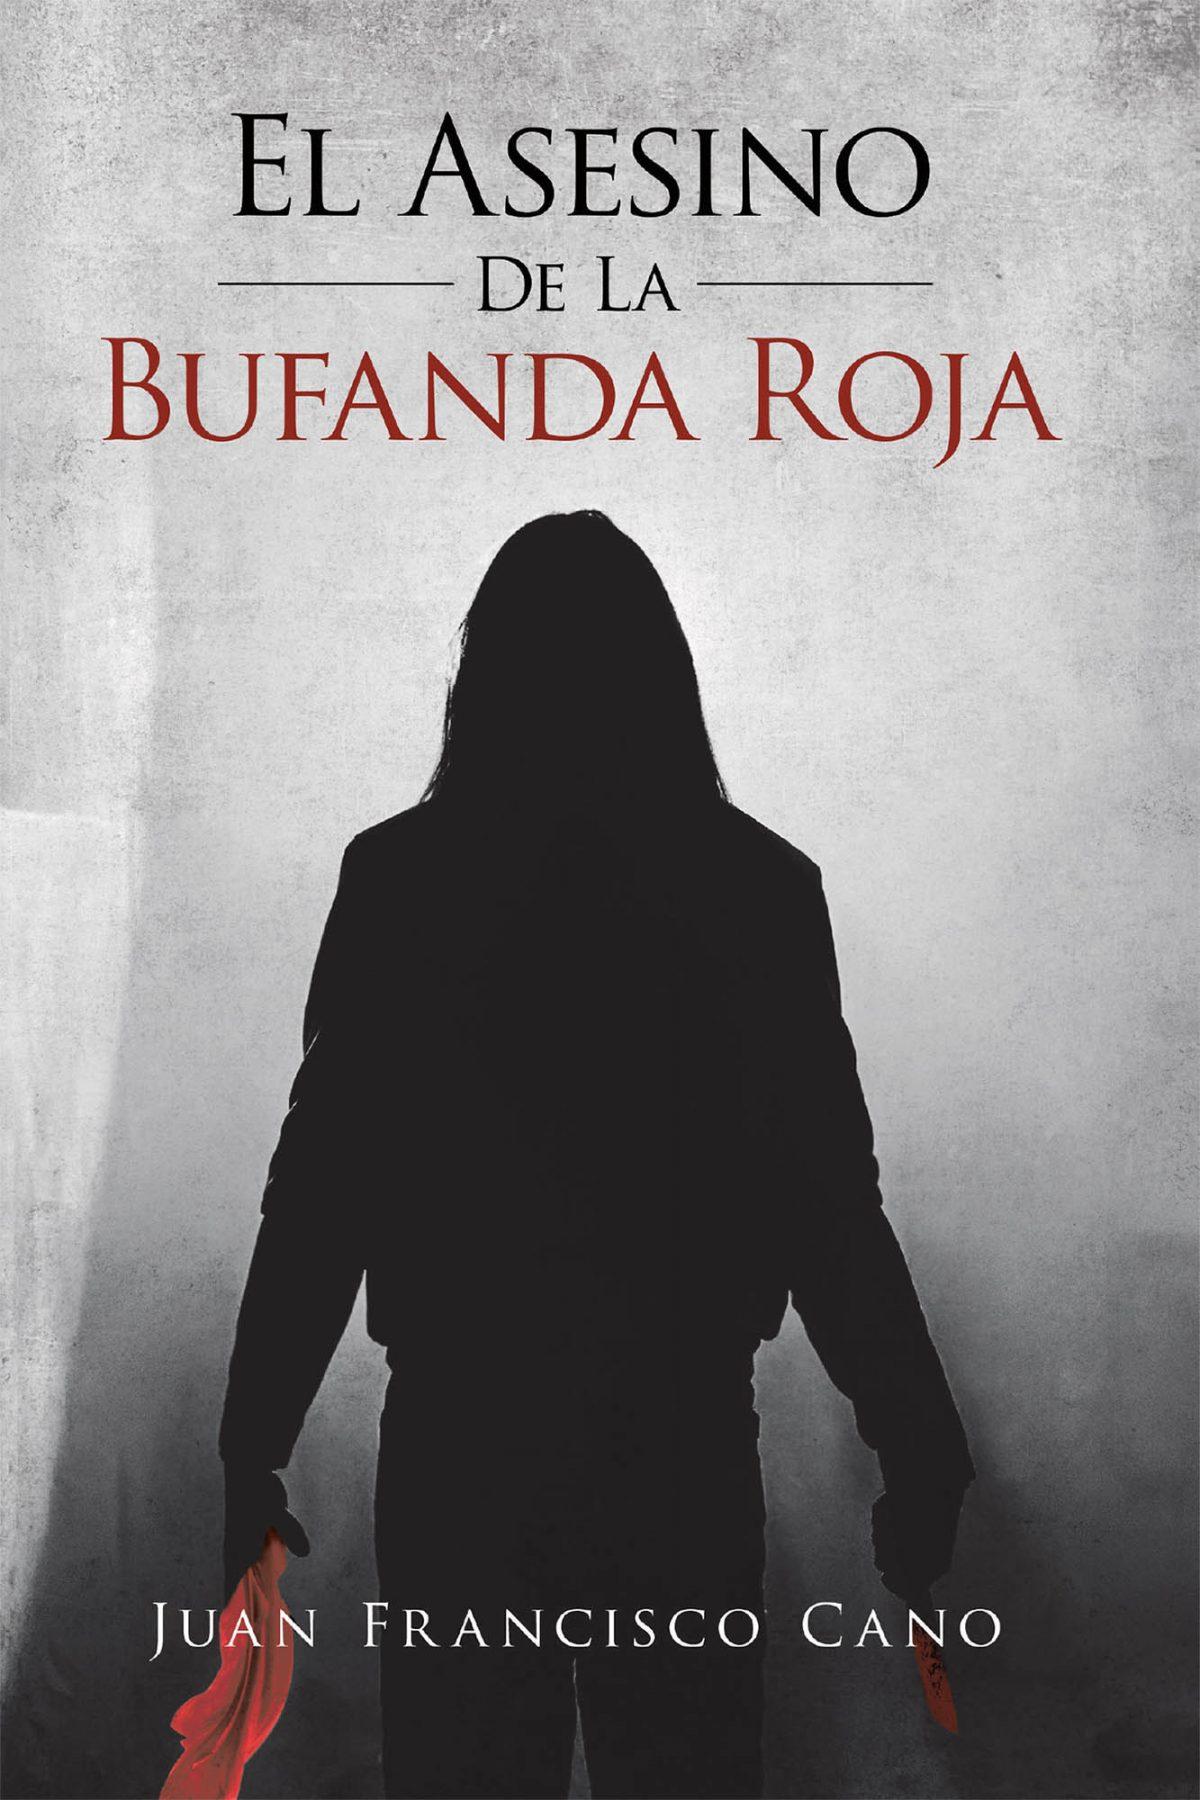 El nuevo libro de Juan Francisco Cano, El Asesino De La Bufanda Roja, una intrigante obra sobre cómo el odio es combustible para una venganza despiadada.